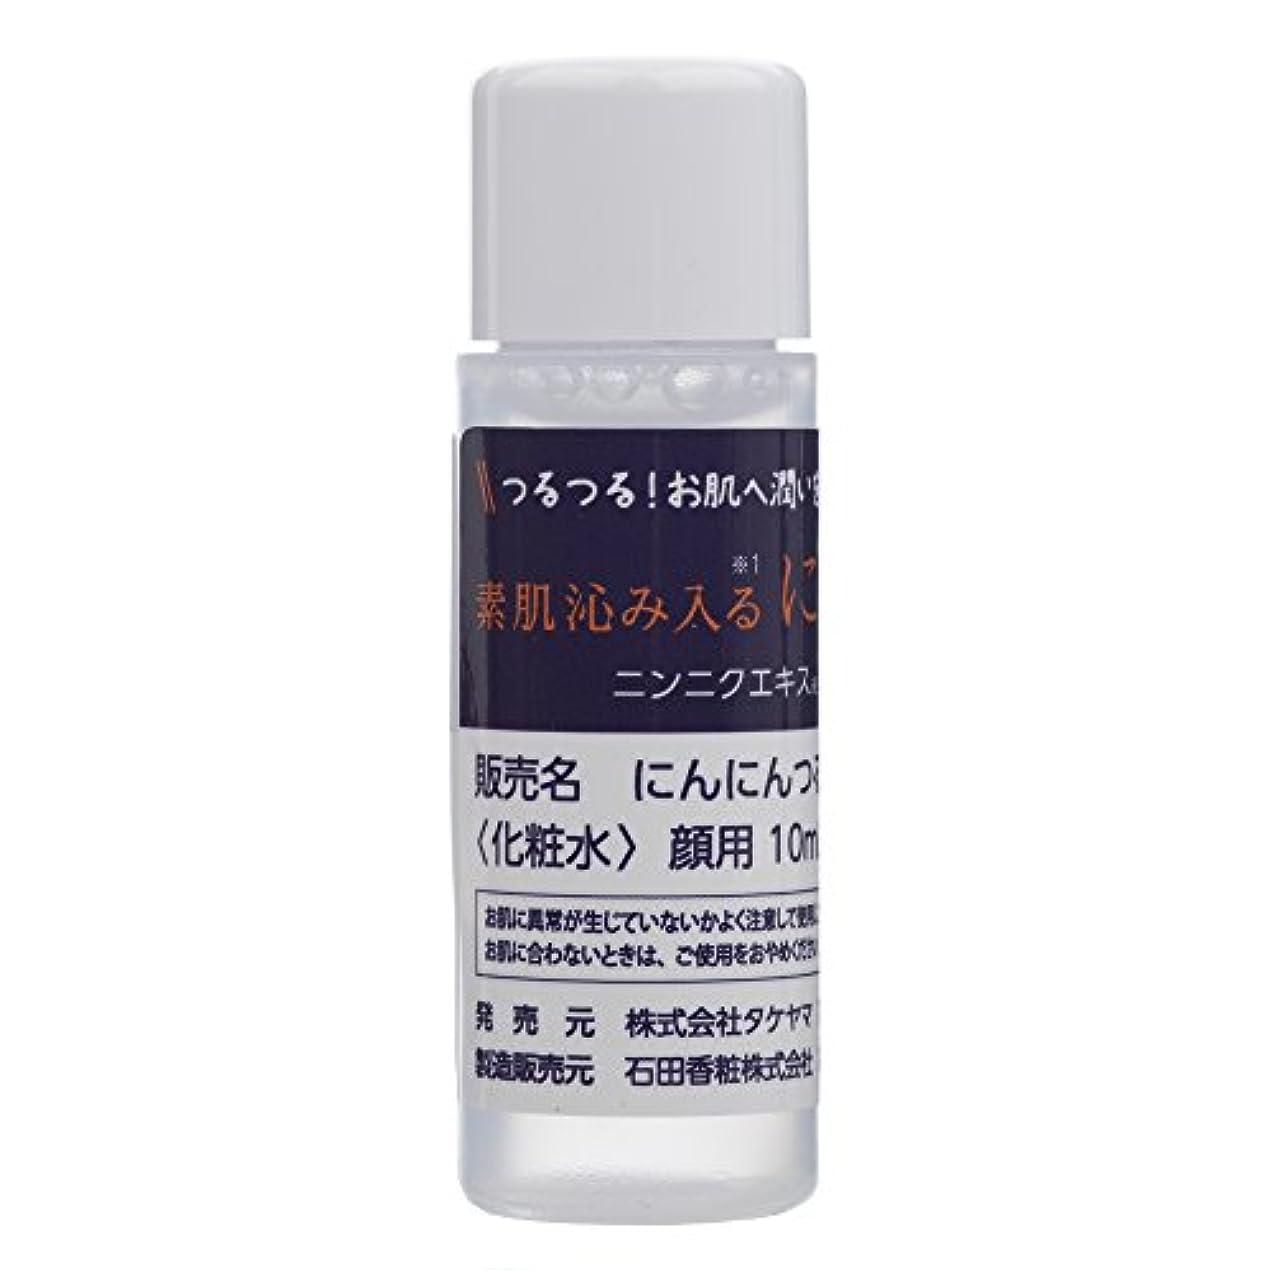 アシスト分析的散逸にんにんつるり お肌の健康と潤いを保つ化粧水です。 10ml